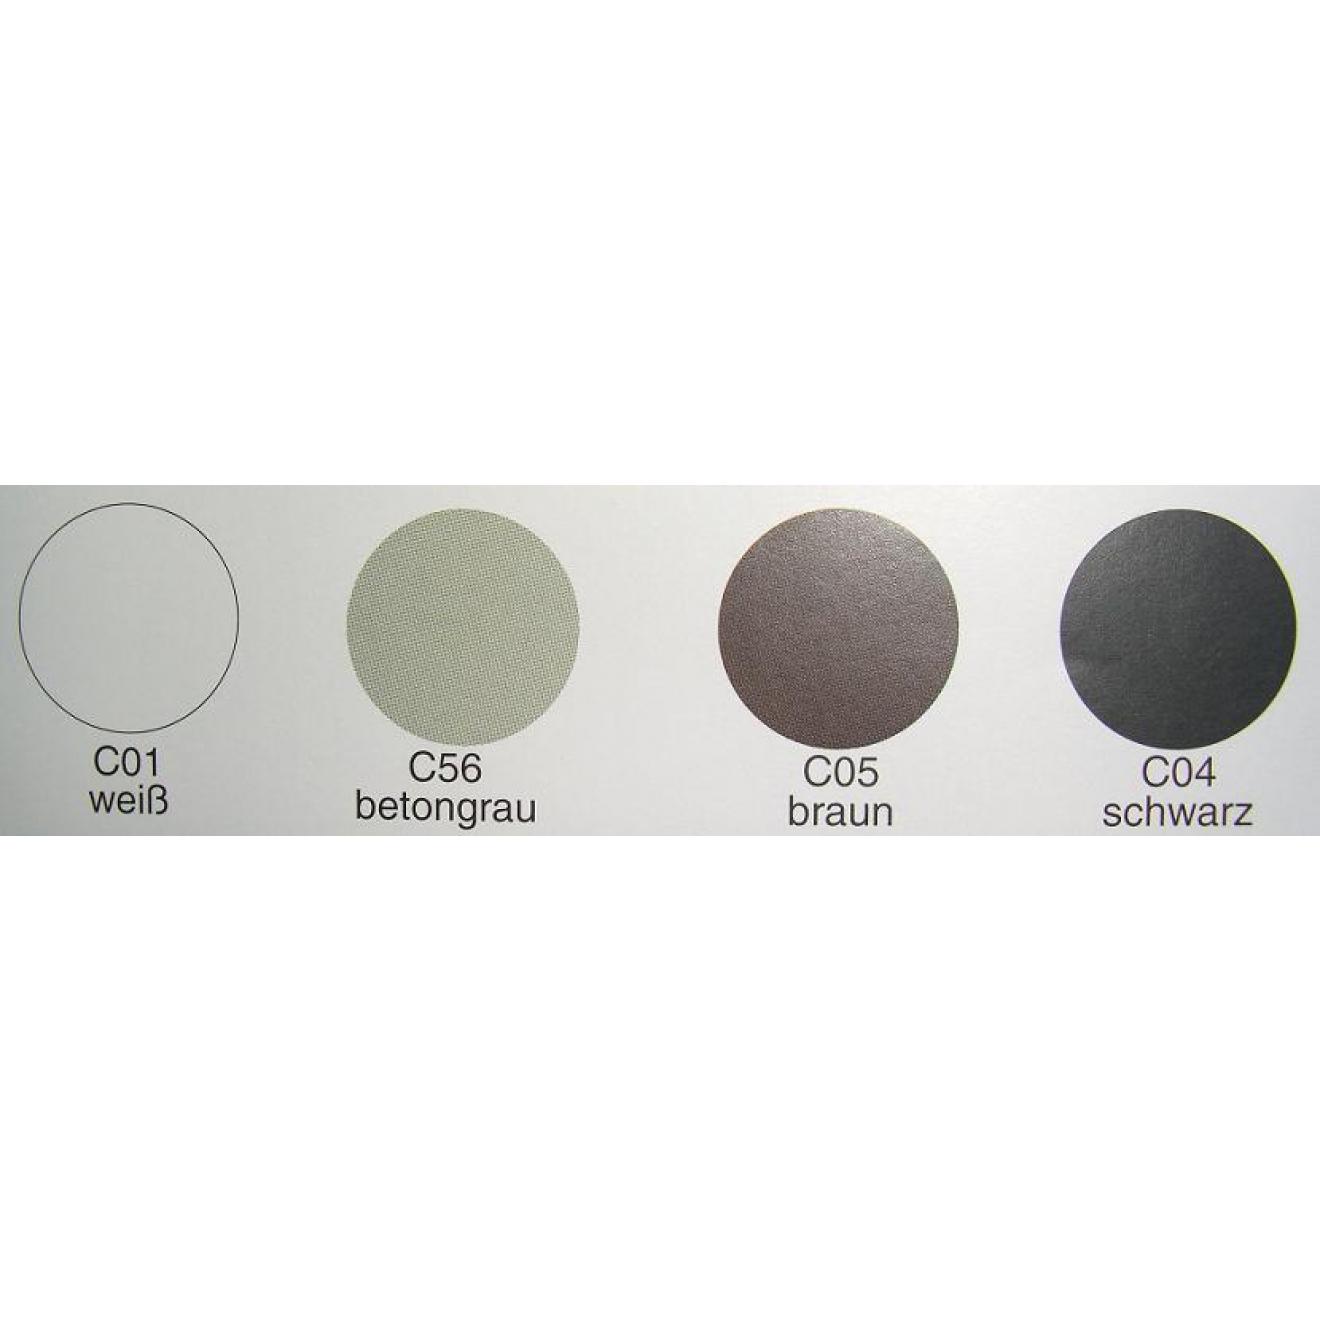 ottoseal a207 acryl dichtstoff zum g nstigen preis im shop kaufen. Black Bedroom Furniture Sets. Home Design Ideas